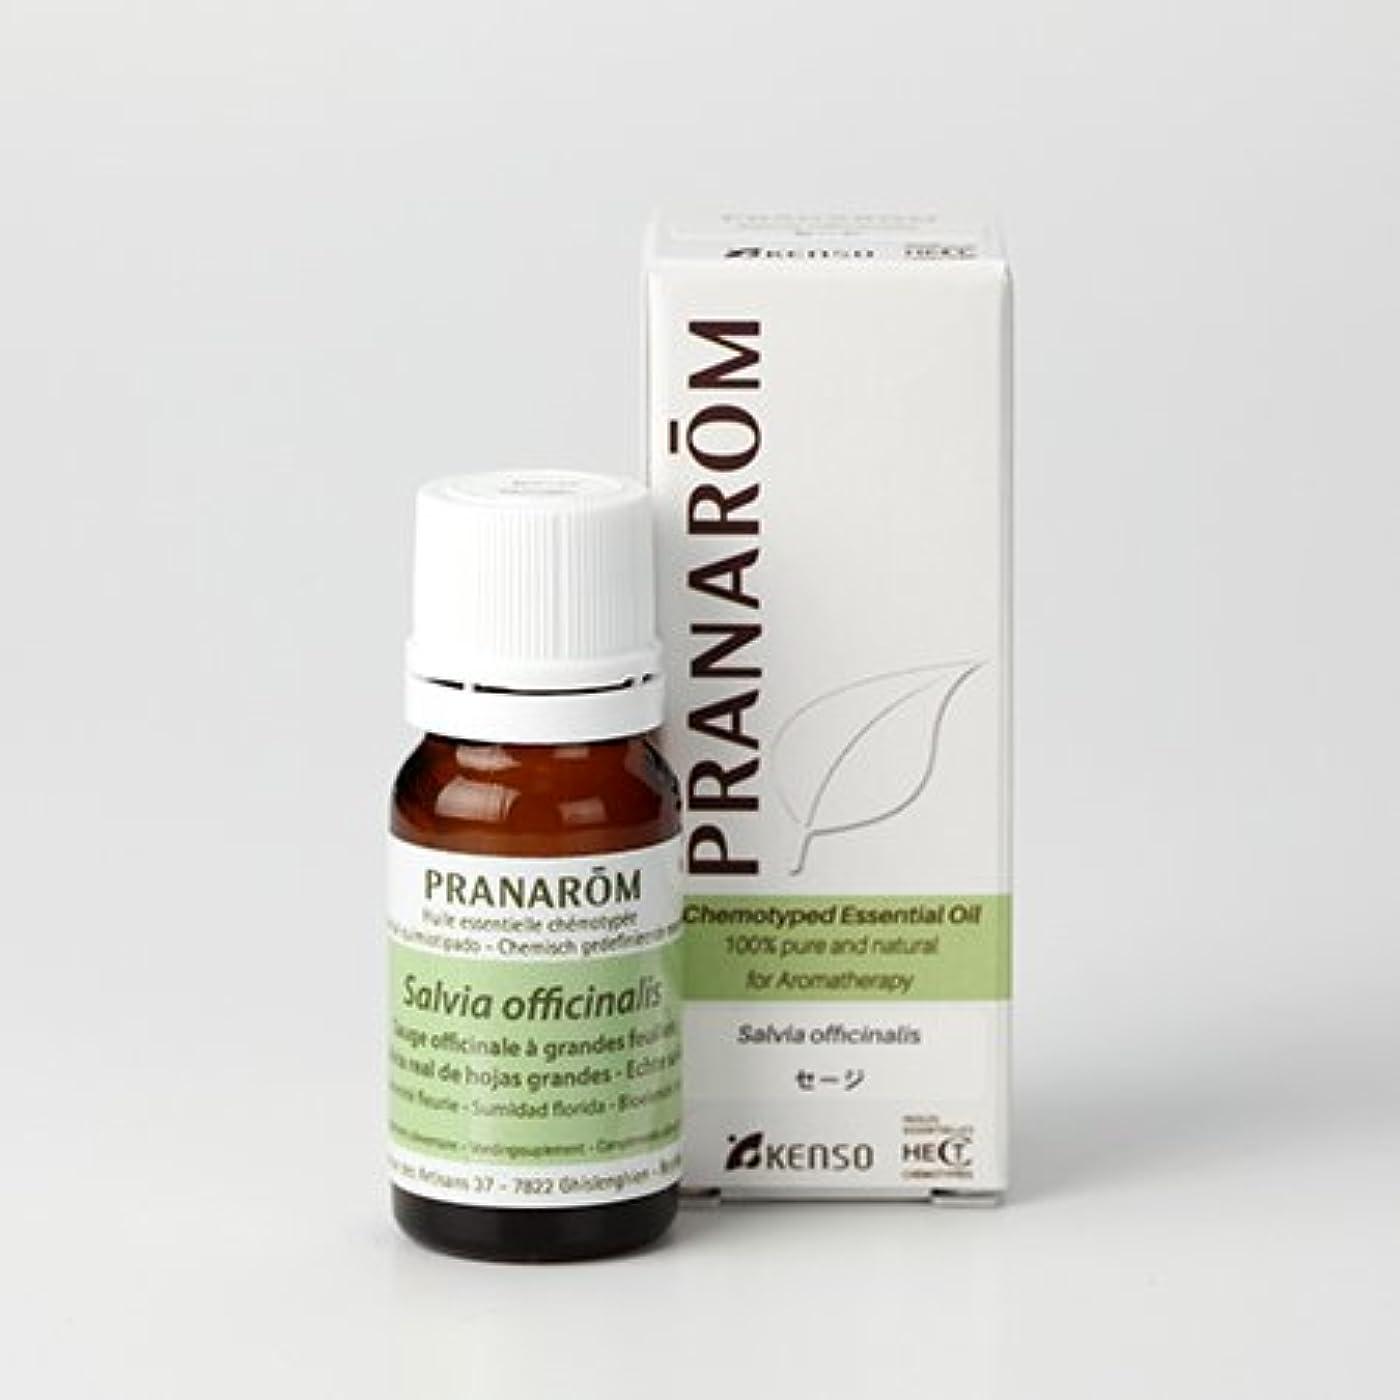 痛みあいまいさアームストロング【セージ 10ml】→樟脳のようなハッキリとした香り?(リフレッシュハーブ系)[PRANAROM(プラナロム)精油/アロマオイル/エッセンシャルオイル]P-164